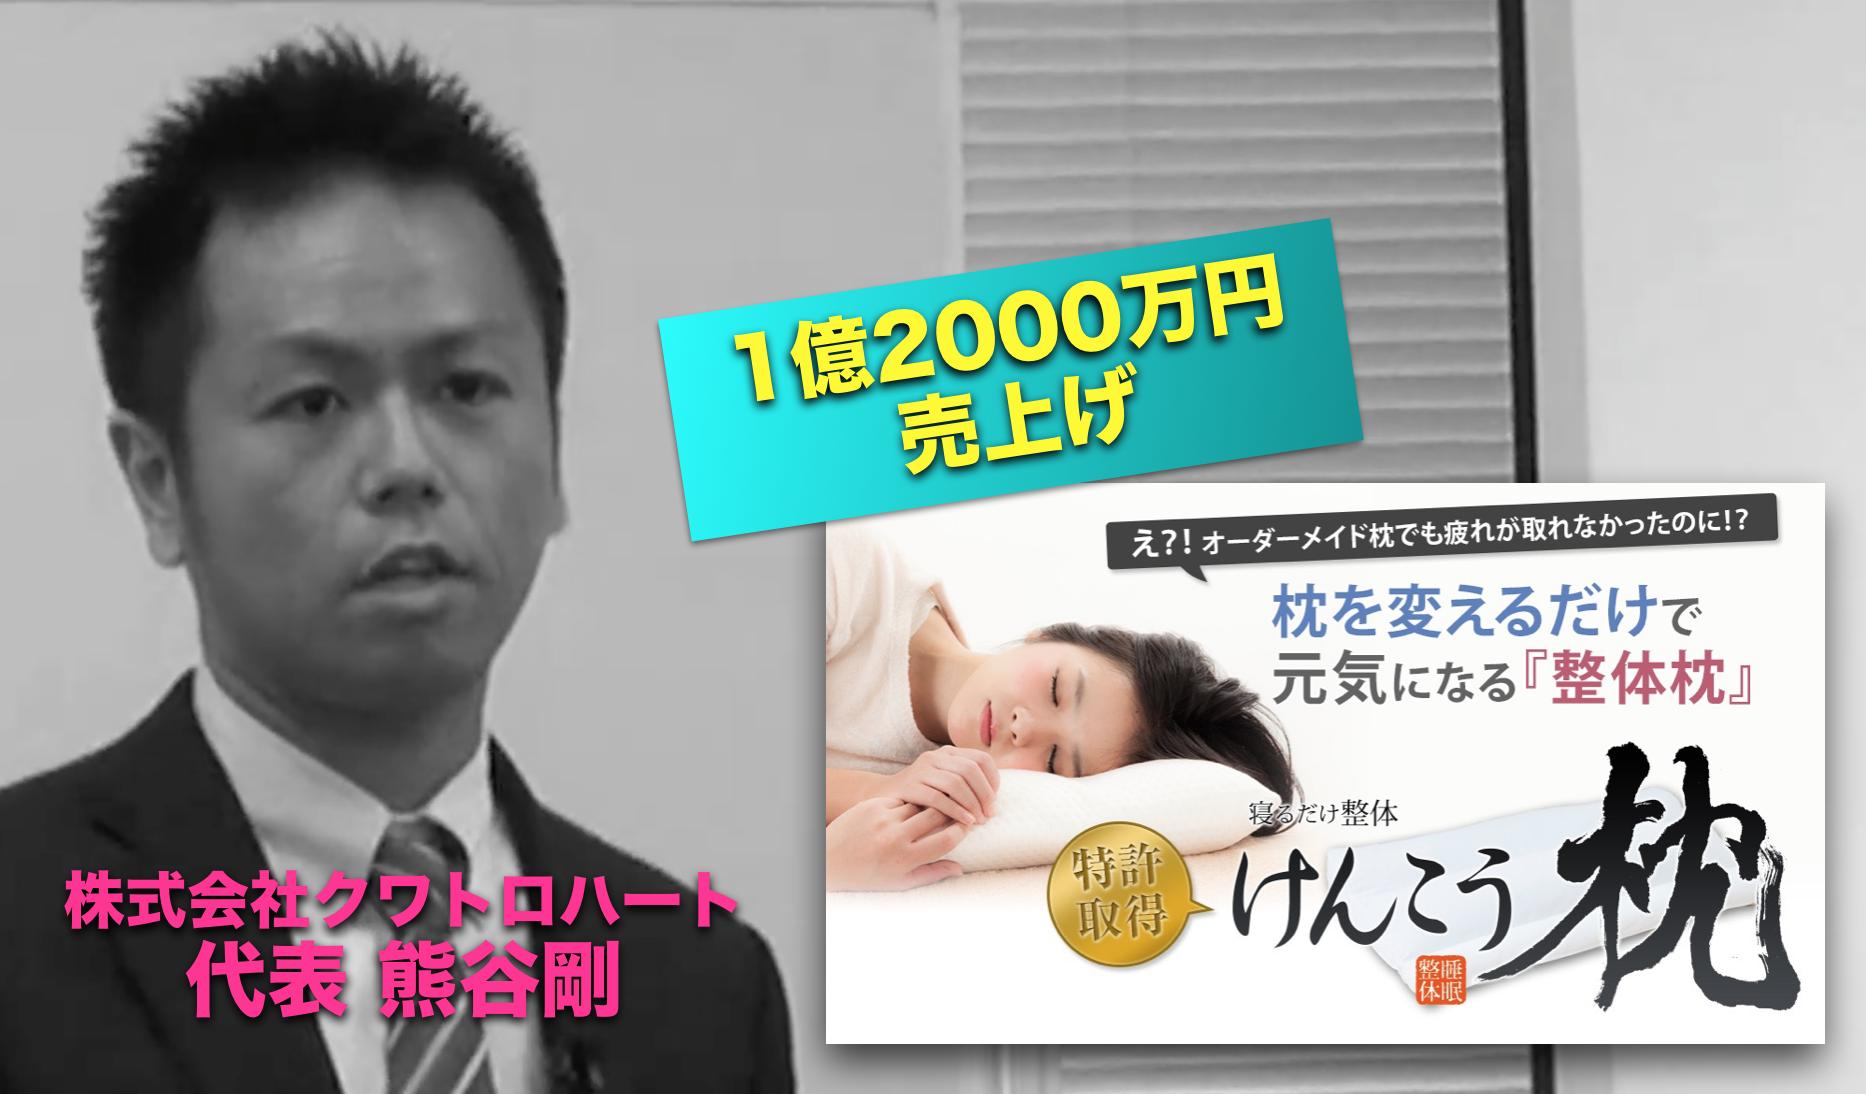 1億2000万円売上げ!株式会社クワトロハート様 元気まくら商品PR動画